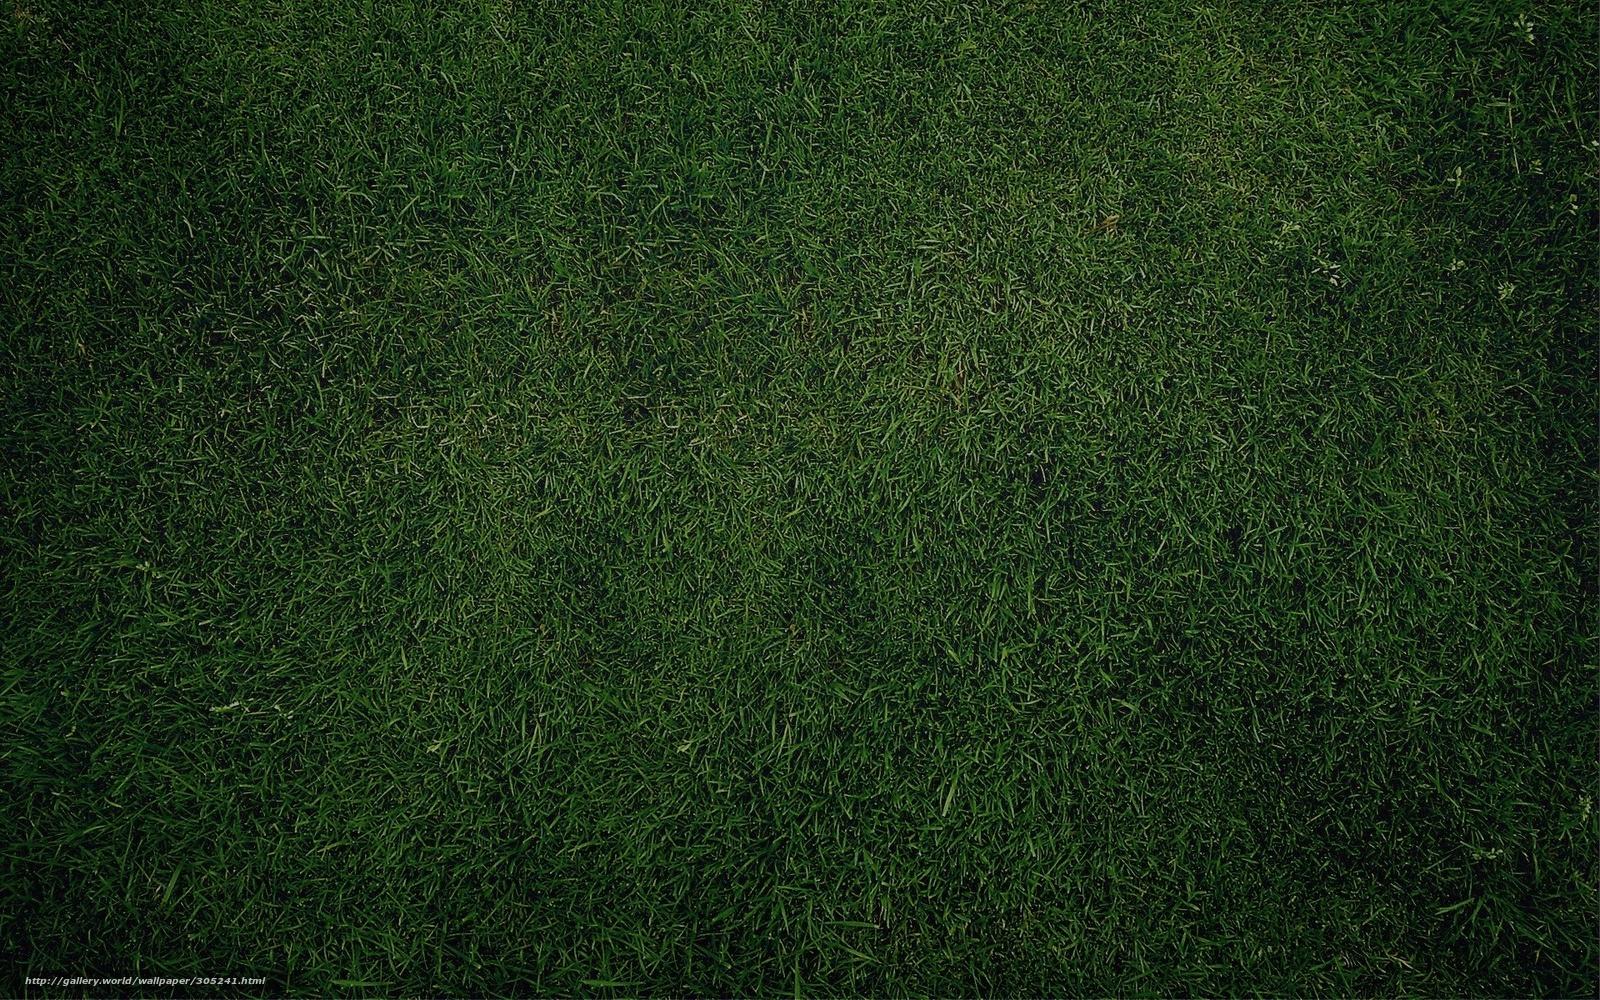 Download Hintergrund Gras Textur Pflanzen Freie Desktop